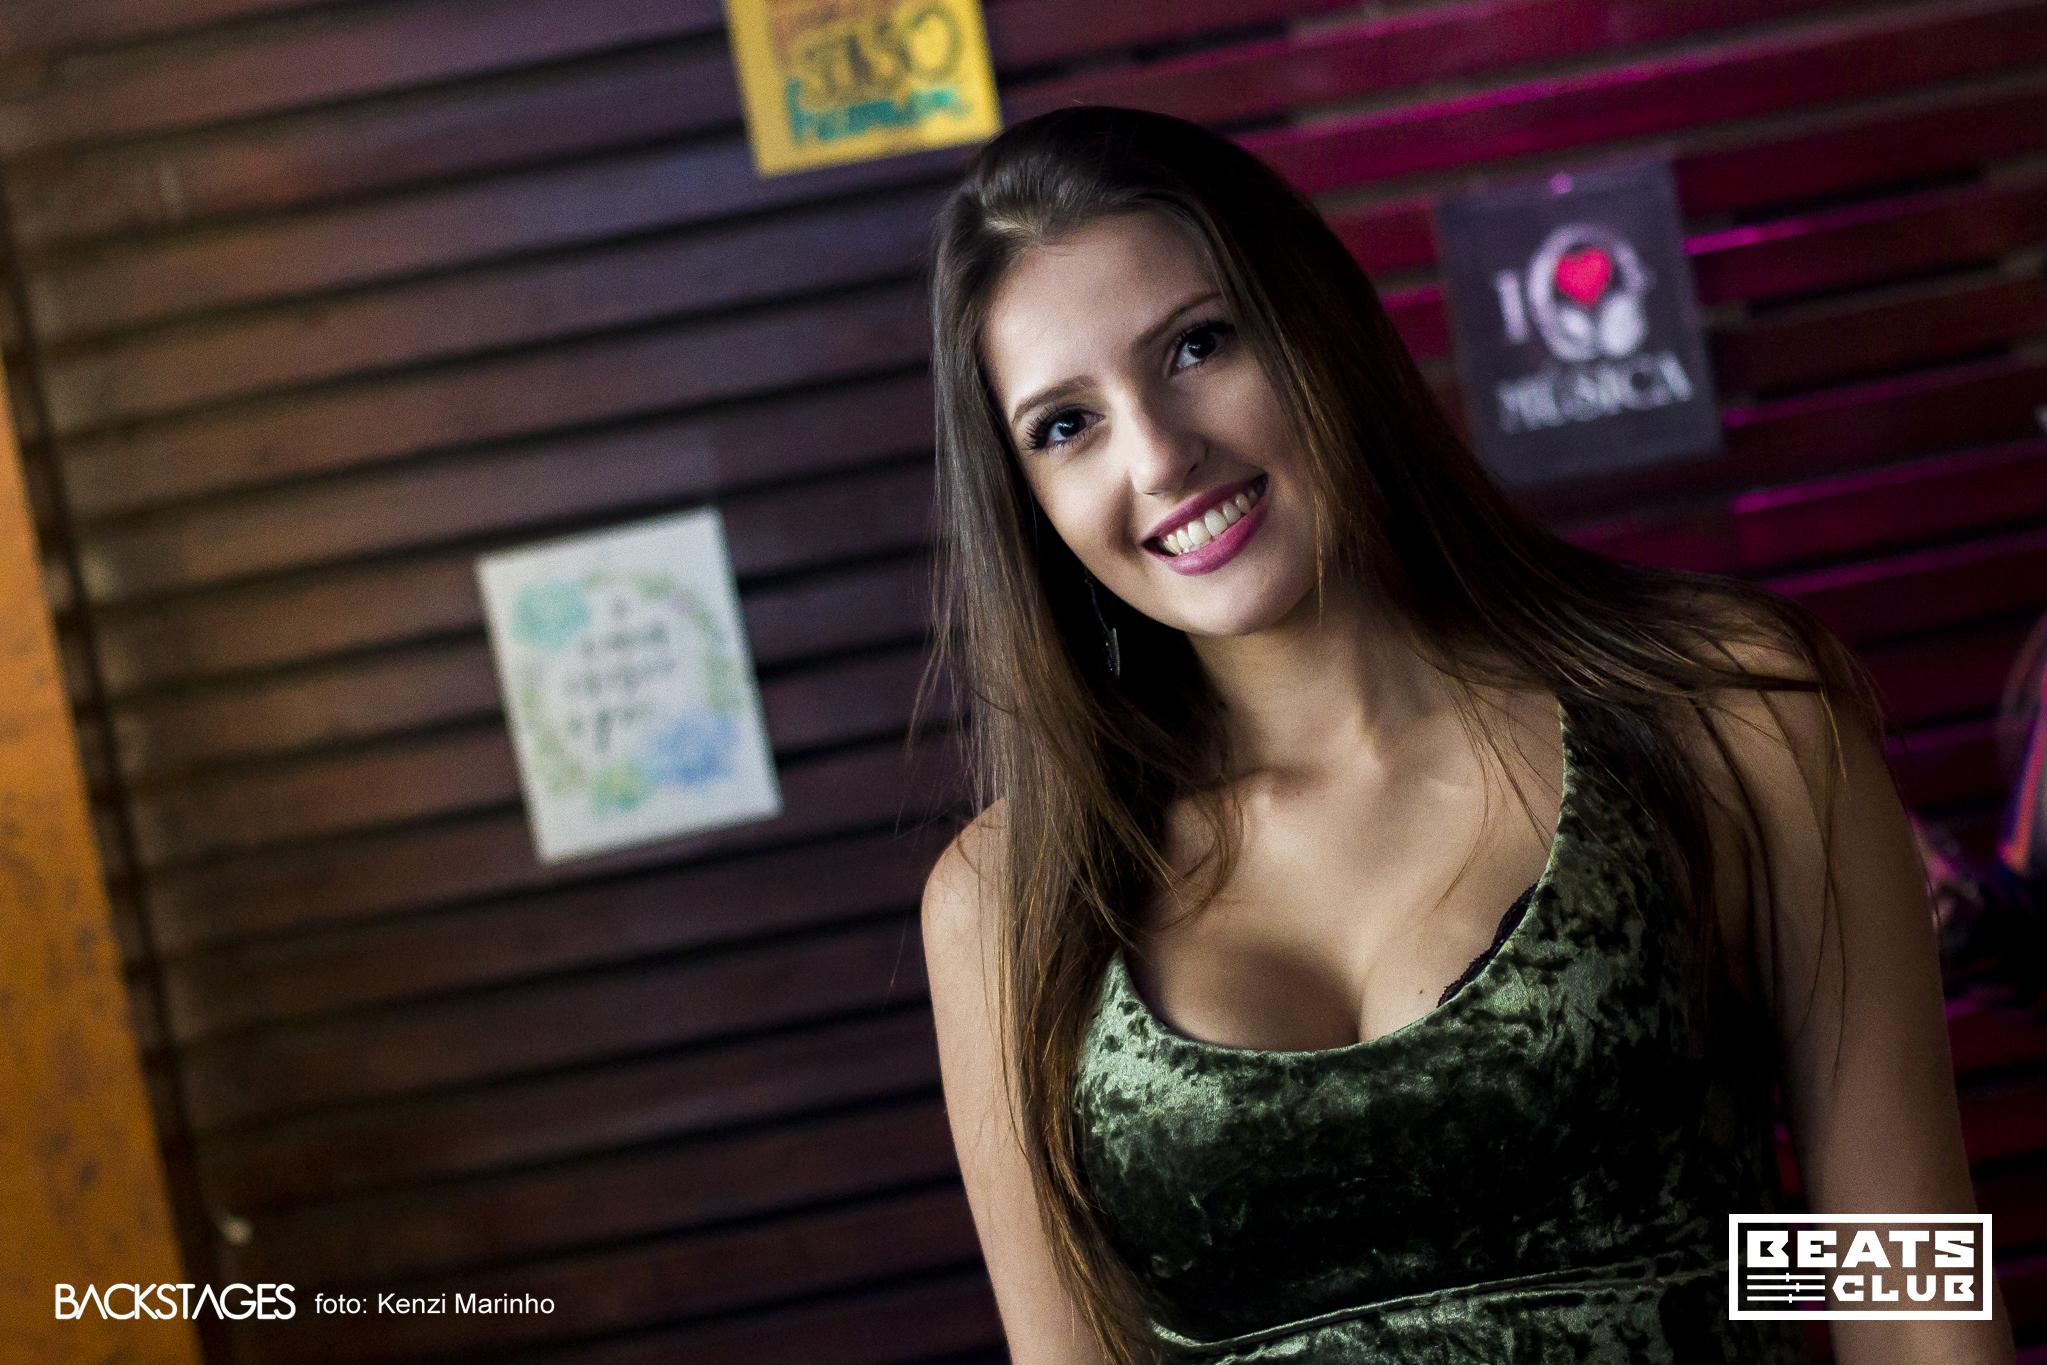 Beats Club - Inauguração 06.05.2017 - Kenzi Marinho (58)